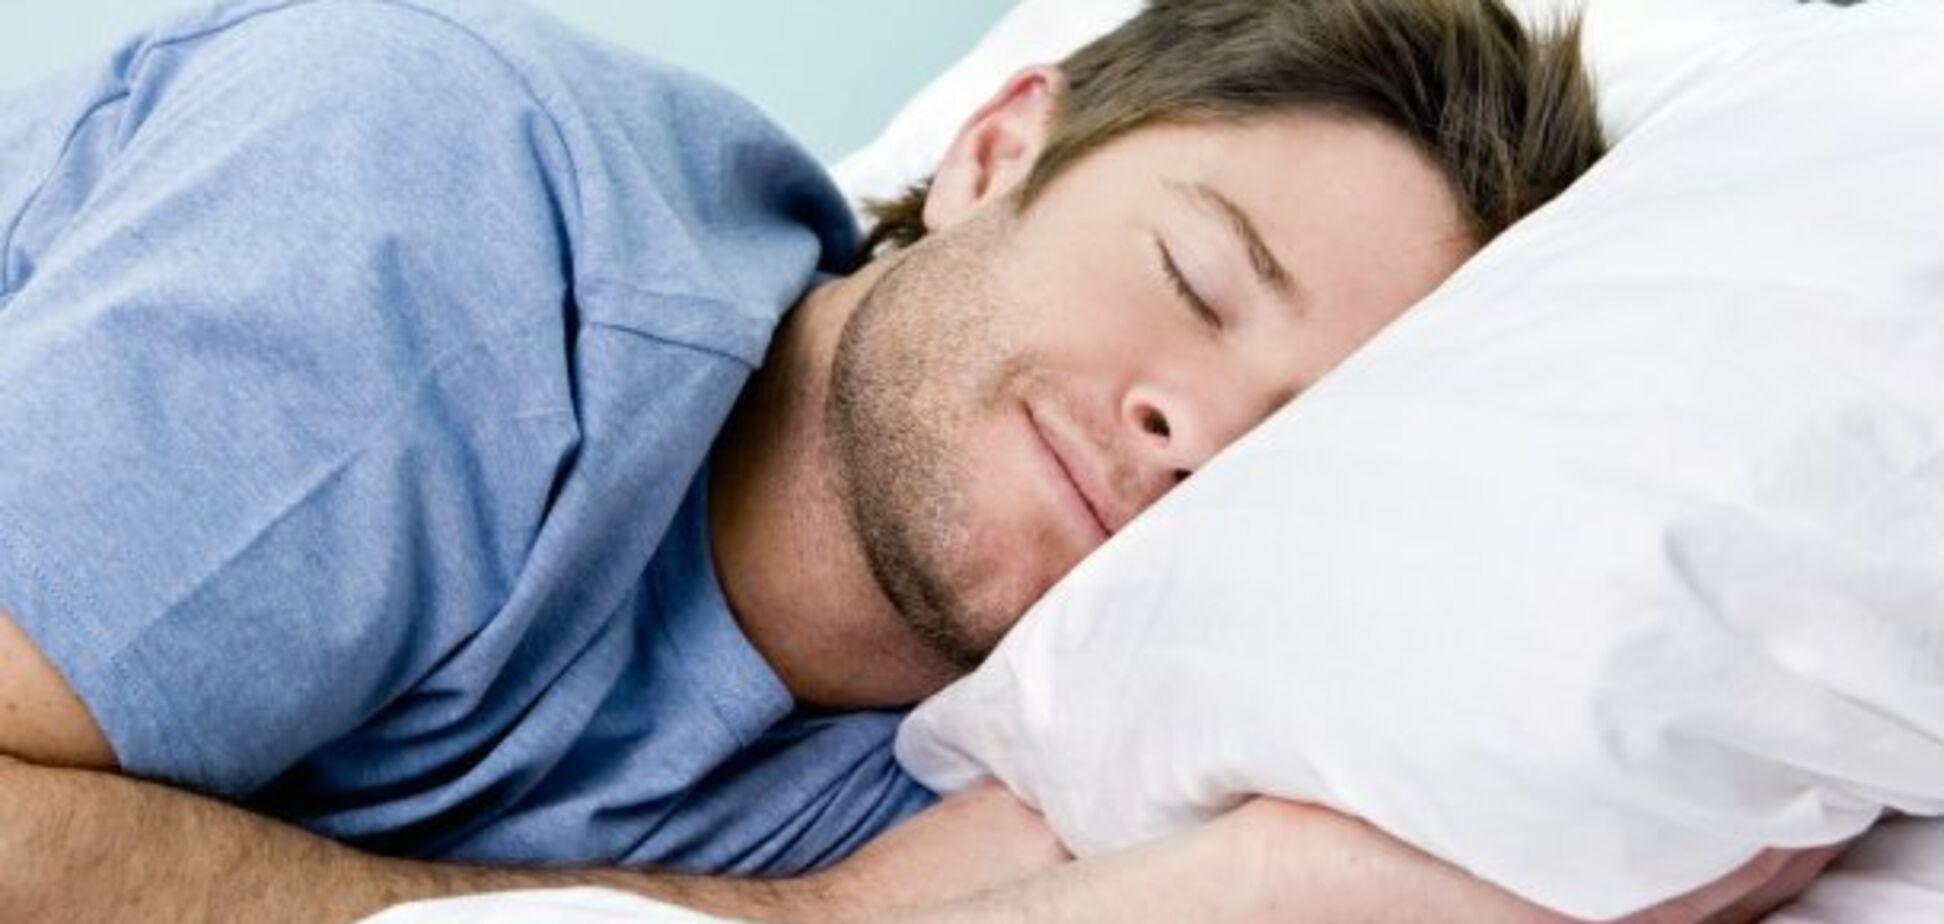 Учені дізналися, як сон впливає на розвиток Альцгеймера